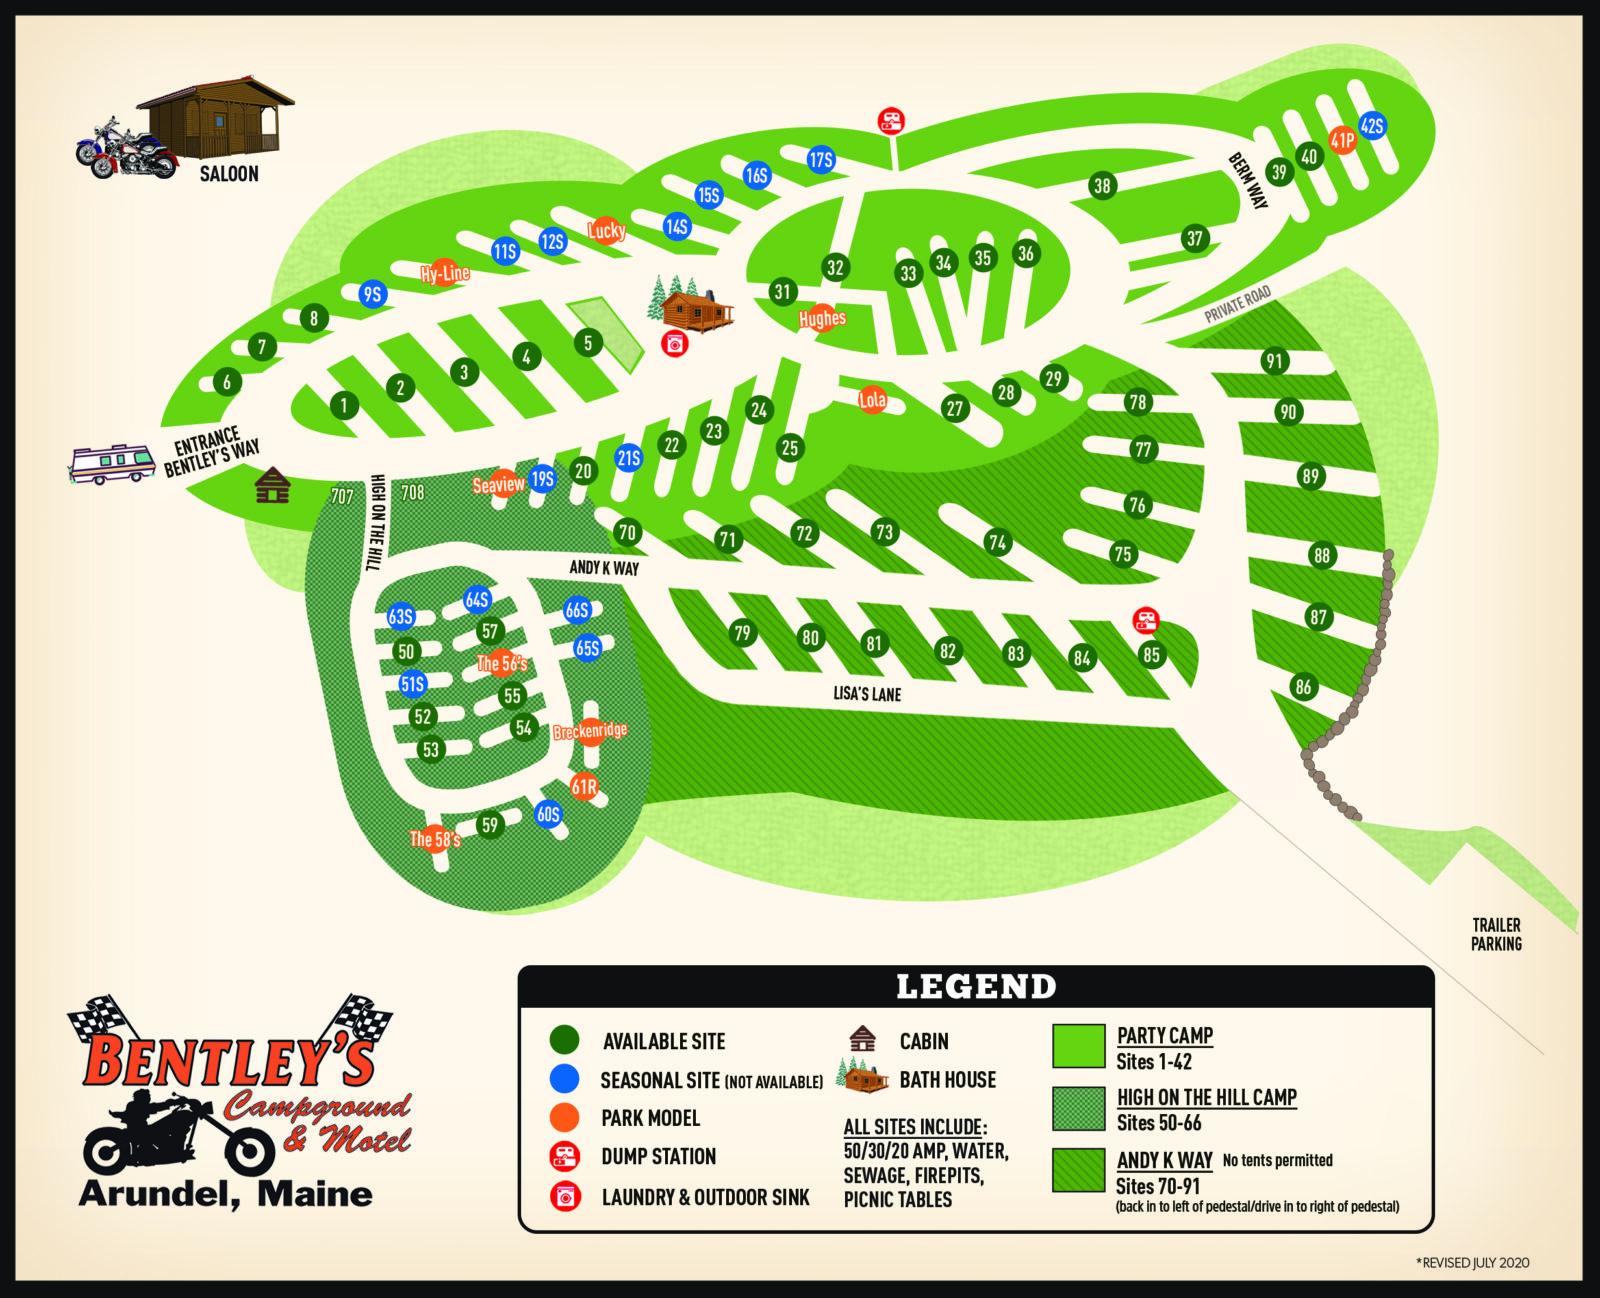 2020 Bentleys Campground Map_rev7_20